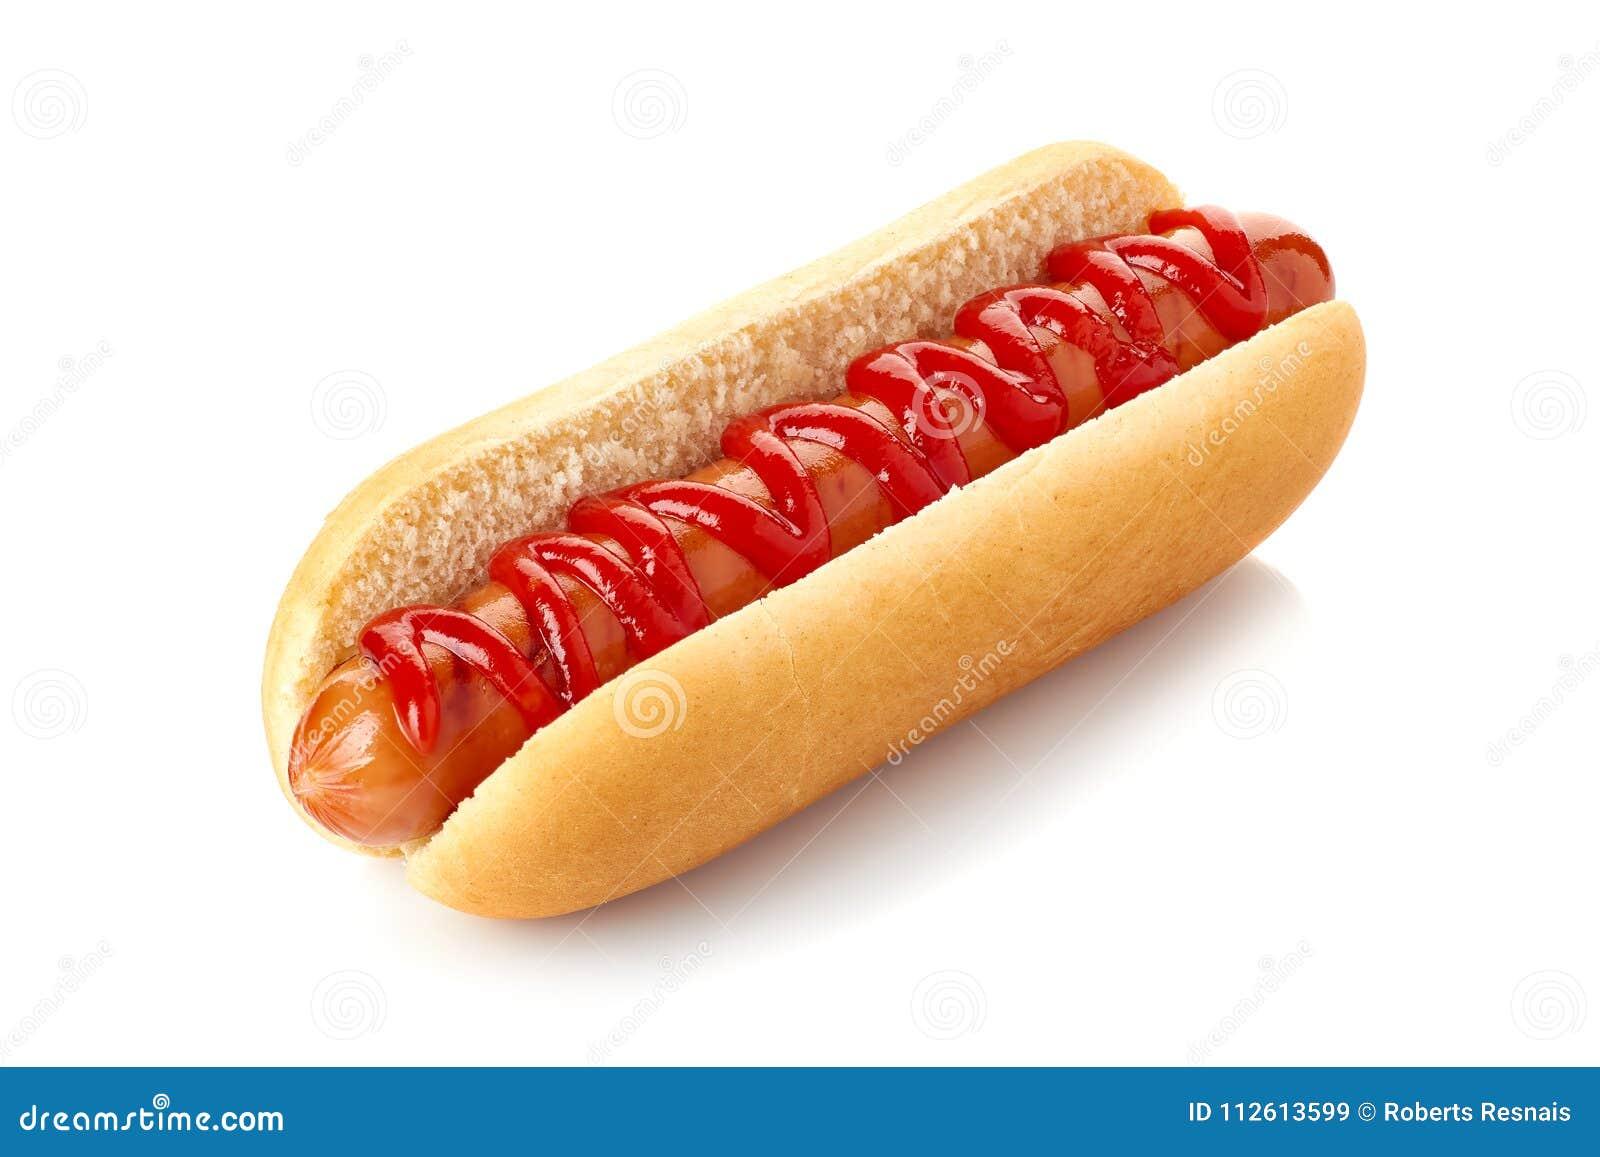 Cachorro quente com ketchup no branco